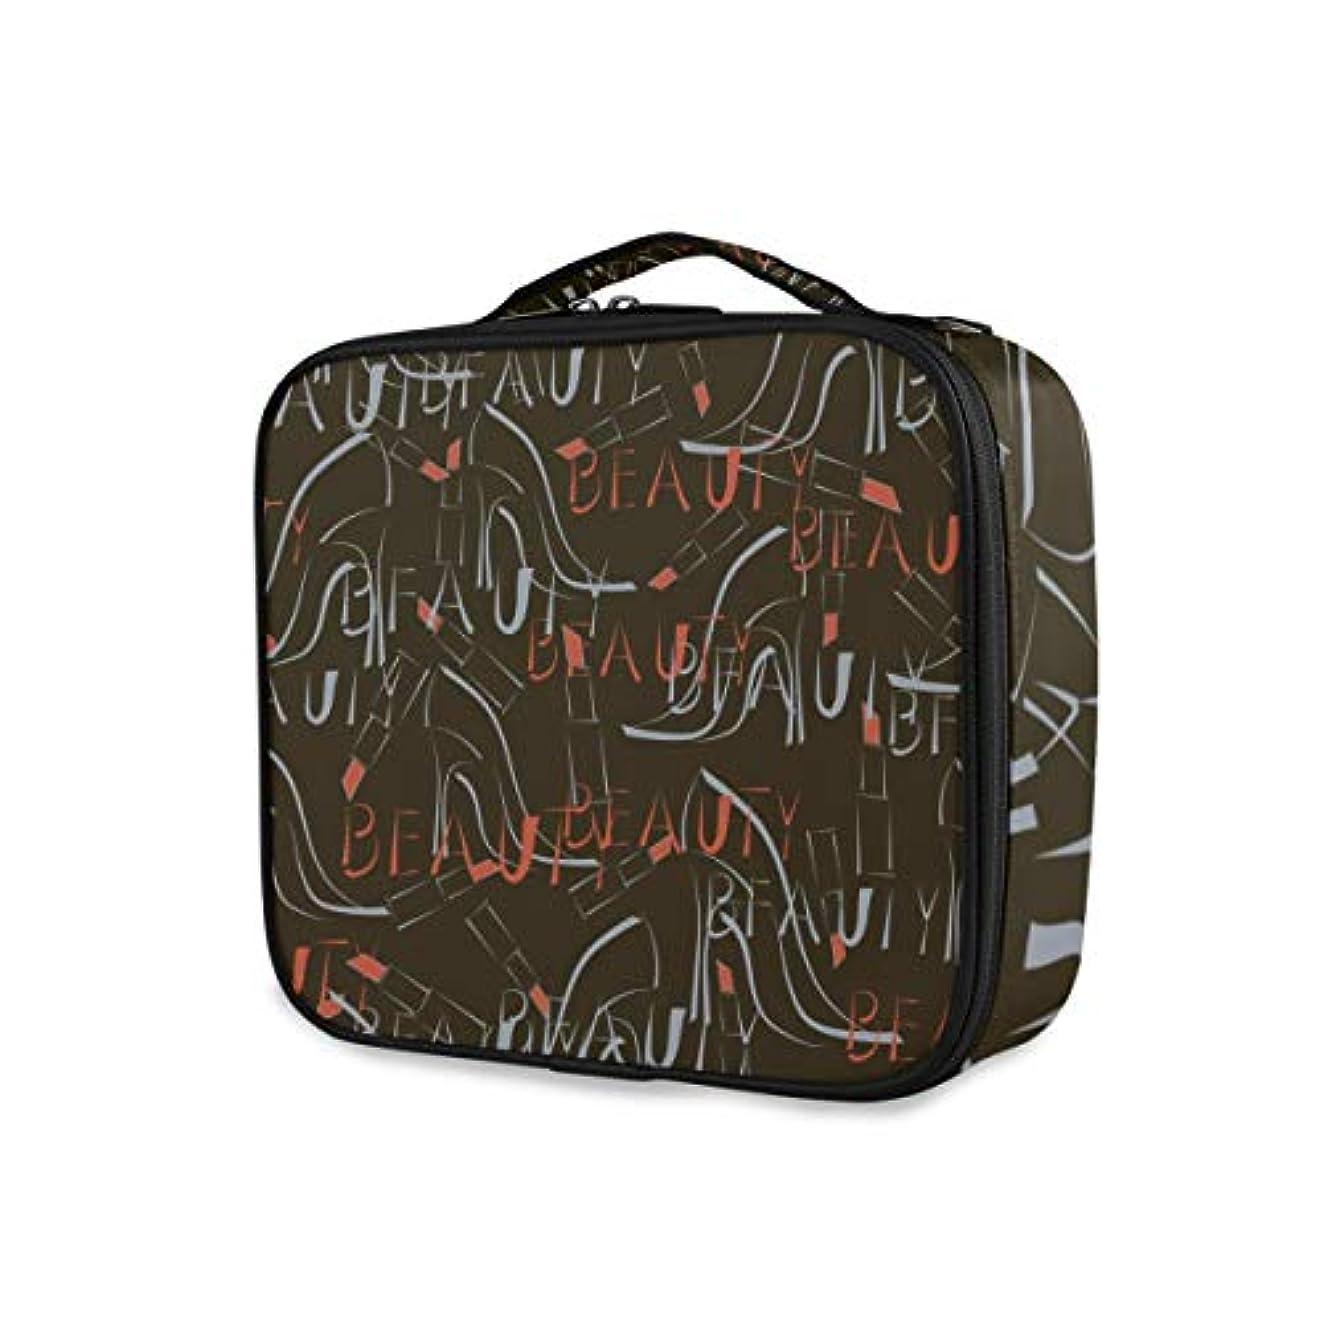 万一に備えて発行エスニックKAPANOU プロ用 メイクボックス シームレスパターンハイヒール靴口紅ワード 多機能 高品質 美容師 マニキュリスト 刺青師 専用 化粧ボックス メイクアップアーティスト 収納ケース メイクブラシ 化粧道具 大容量